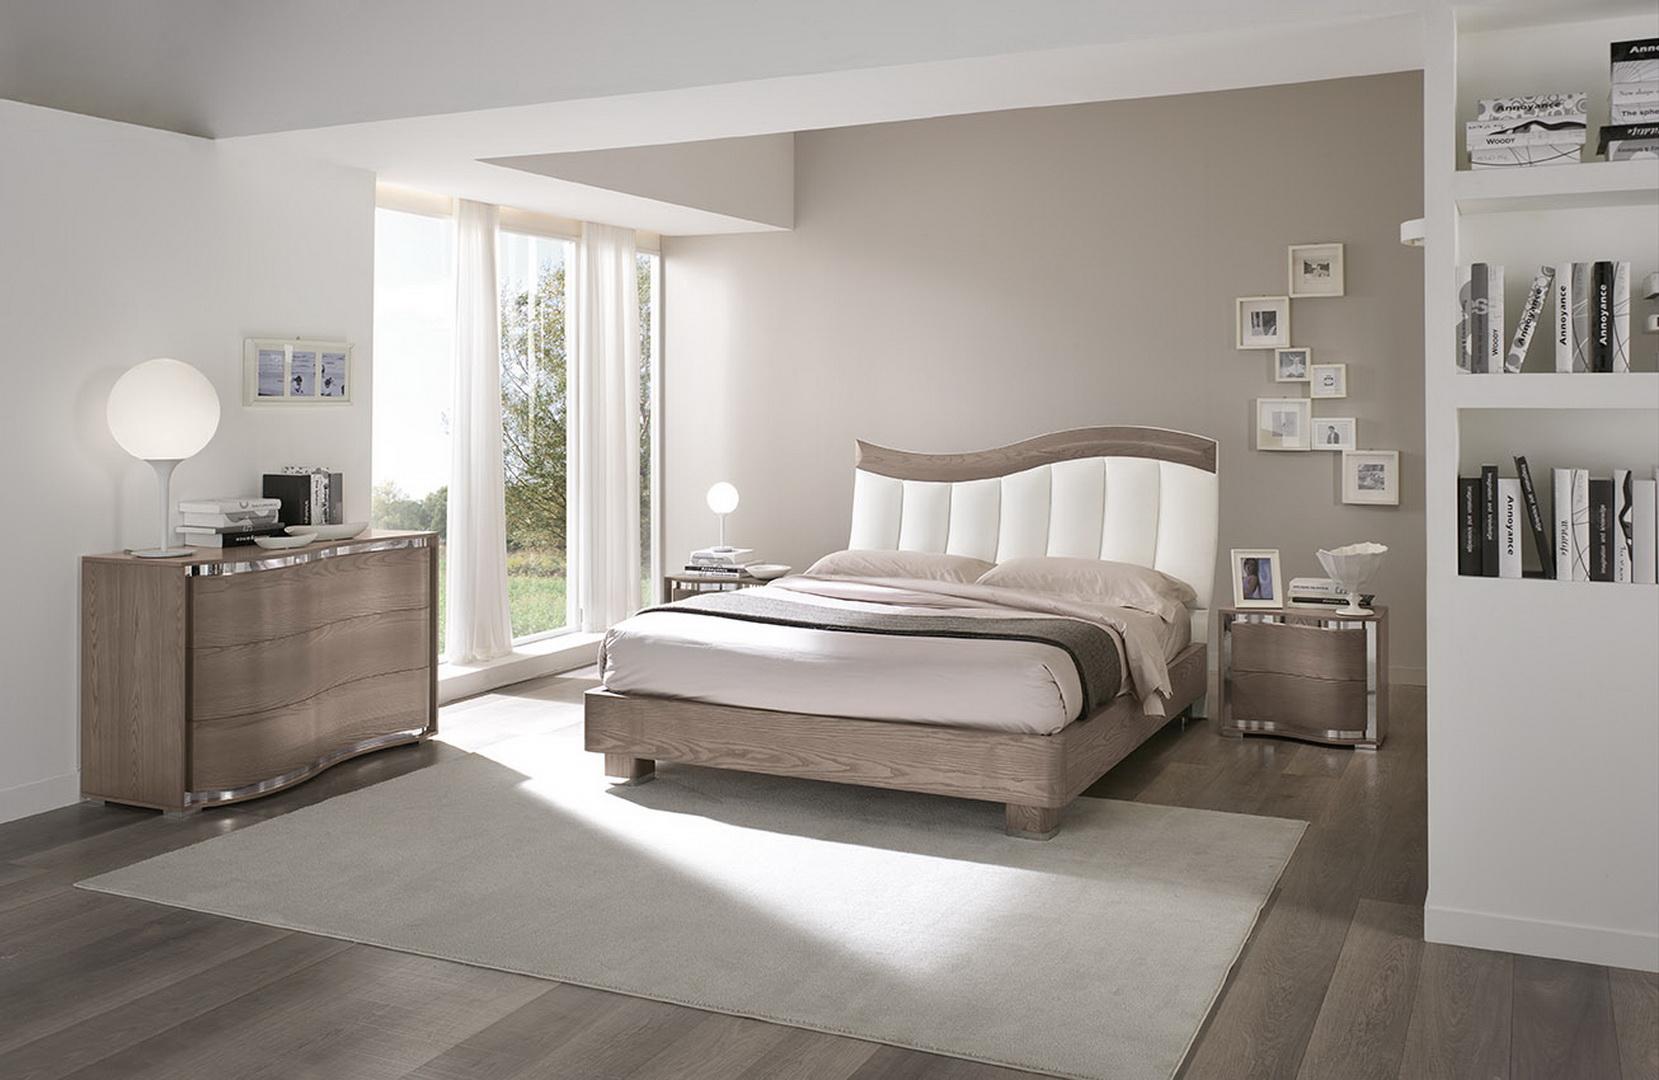 Camera da letto sb10010 c4 home arredamenti cosenza for Negozi camere da letto roma